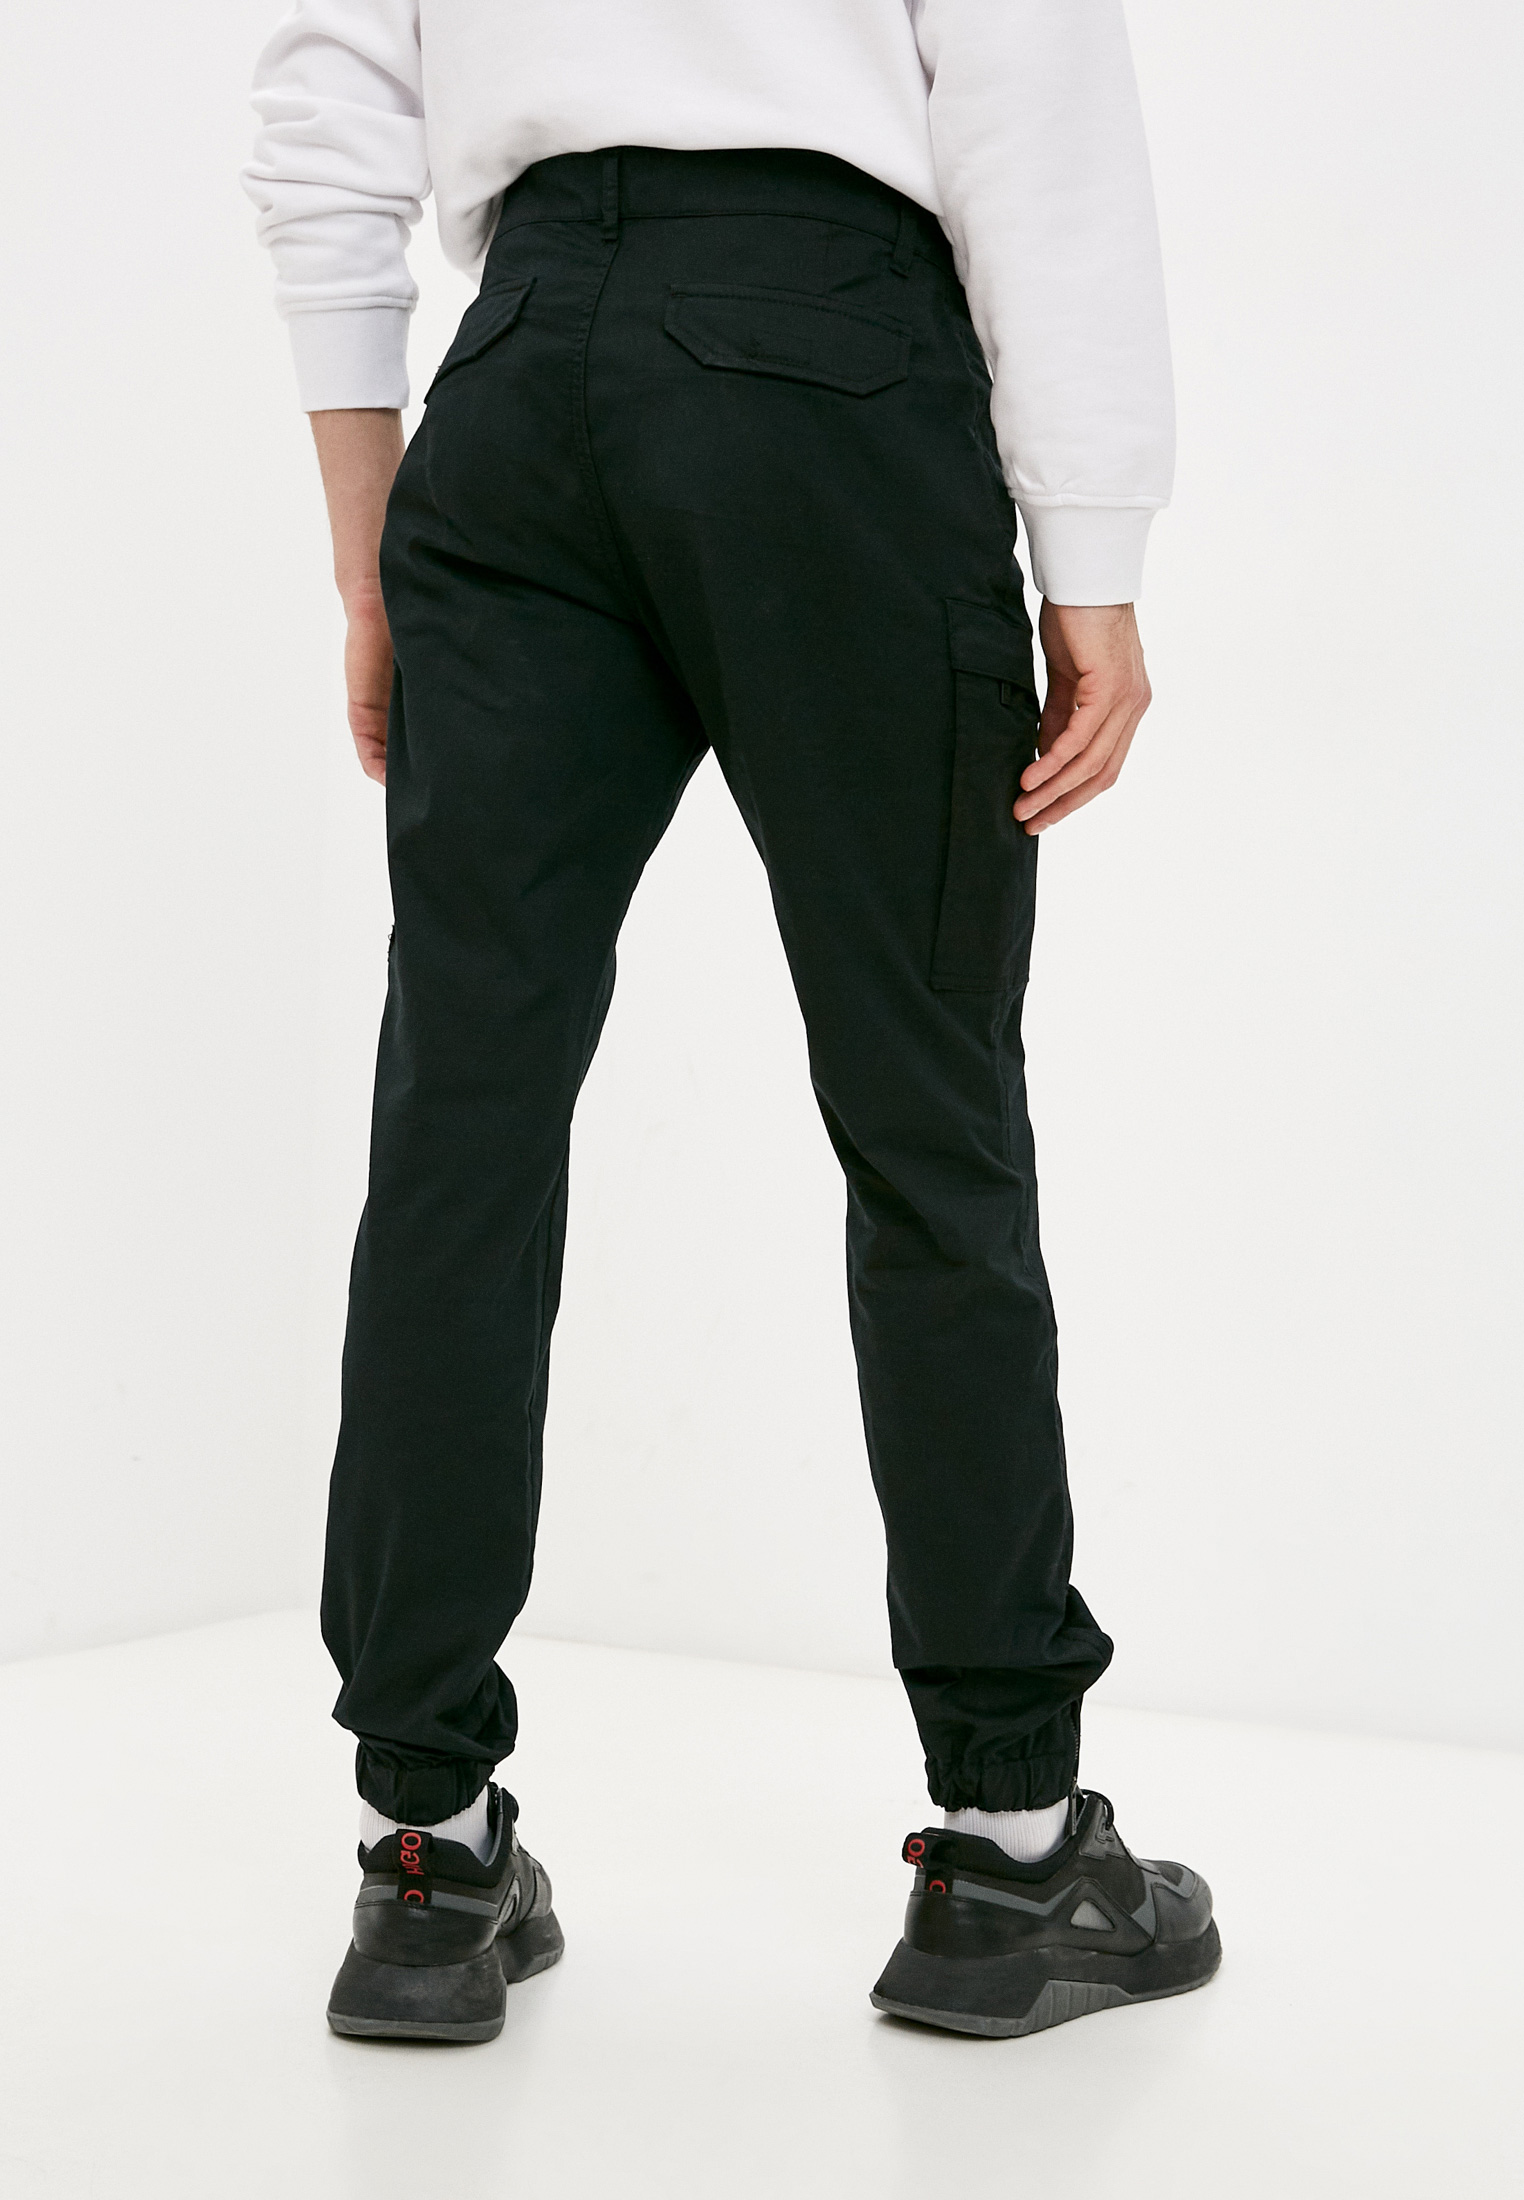 Мужские повседневные брюки Karl Lagerfeld 255824 511890: изображение 4